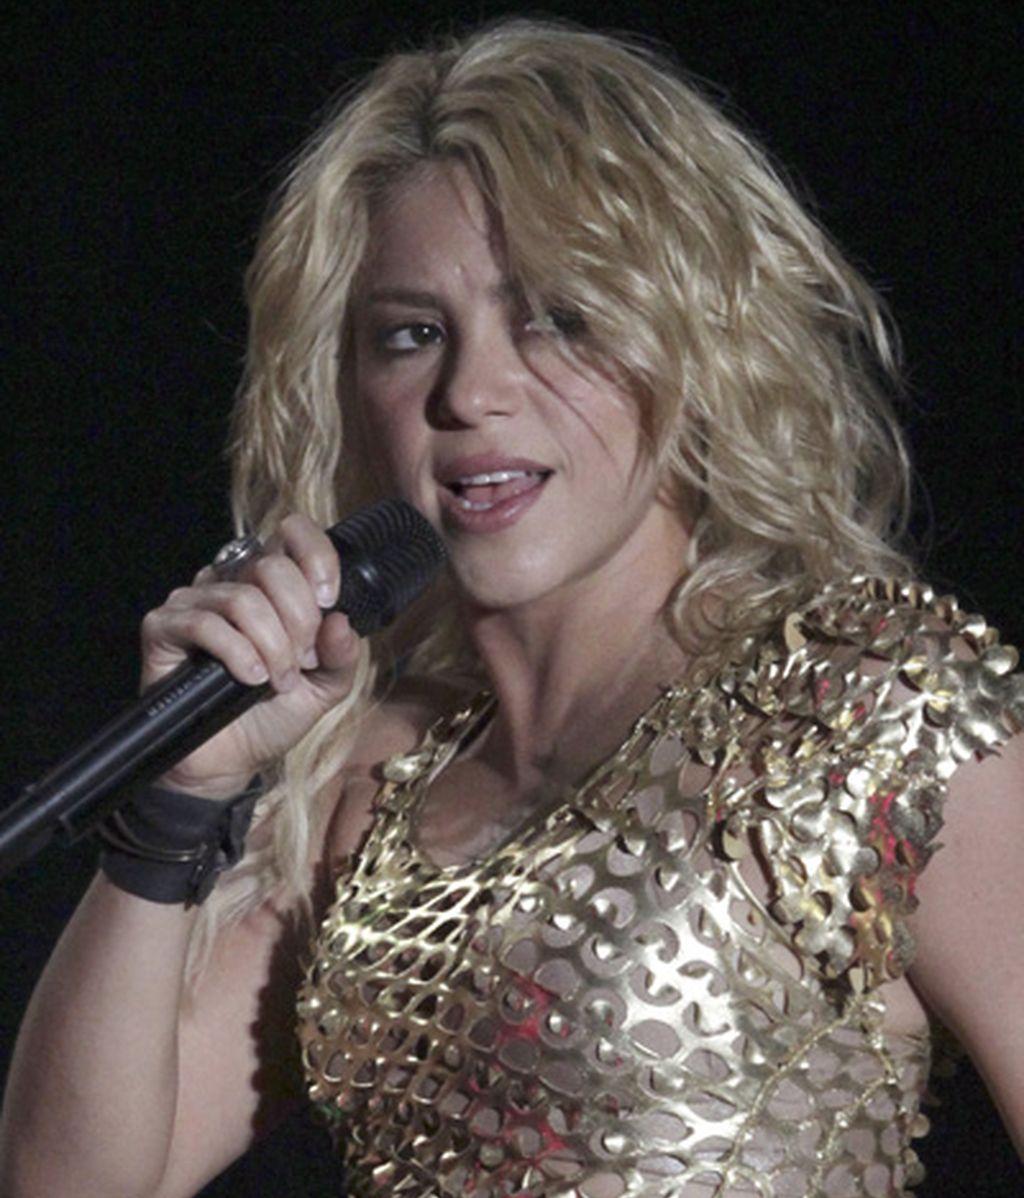 La cantante se llevó un buen susto en el concierto de Tijuana. Foto: Reuters